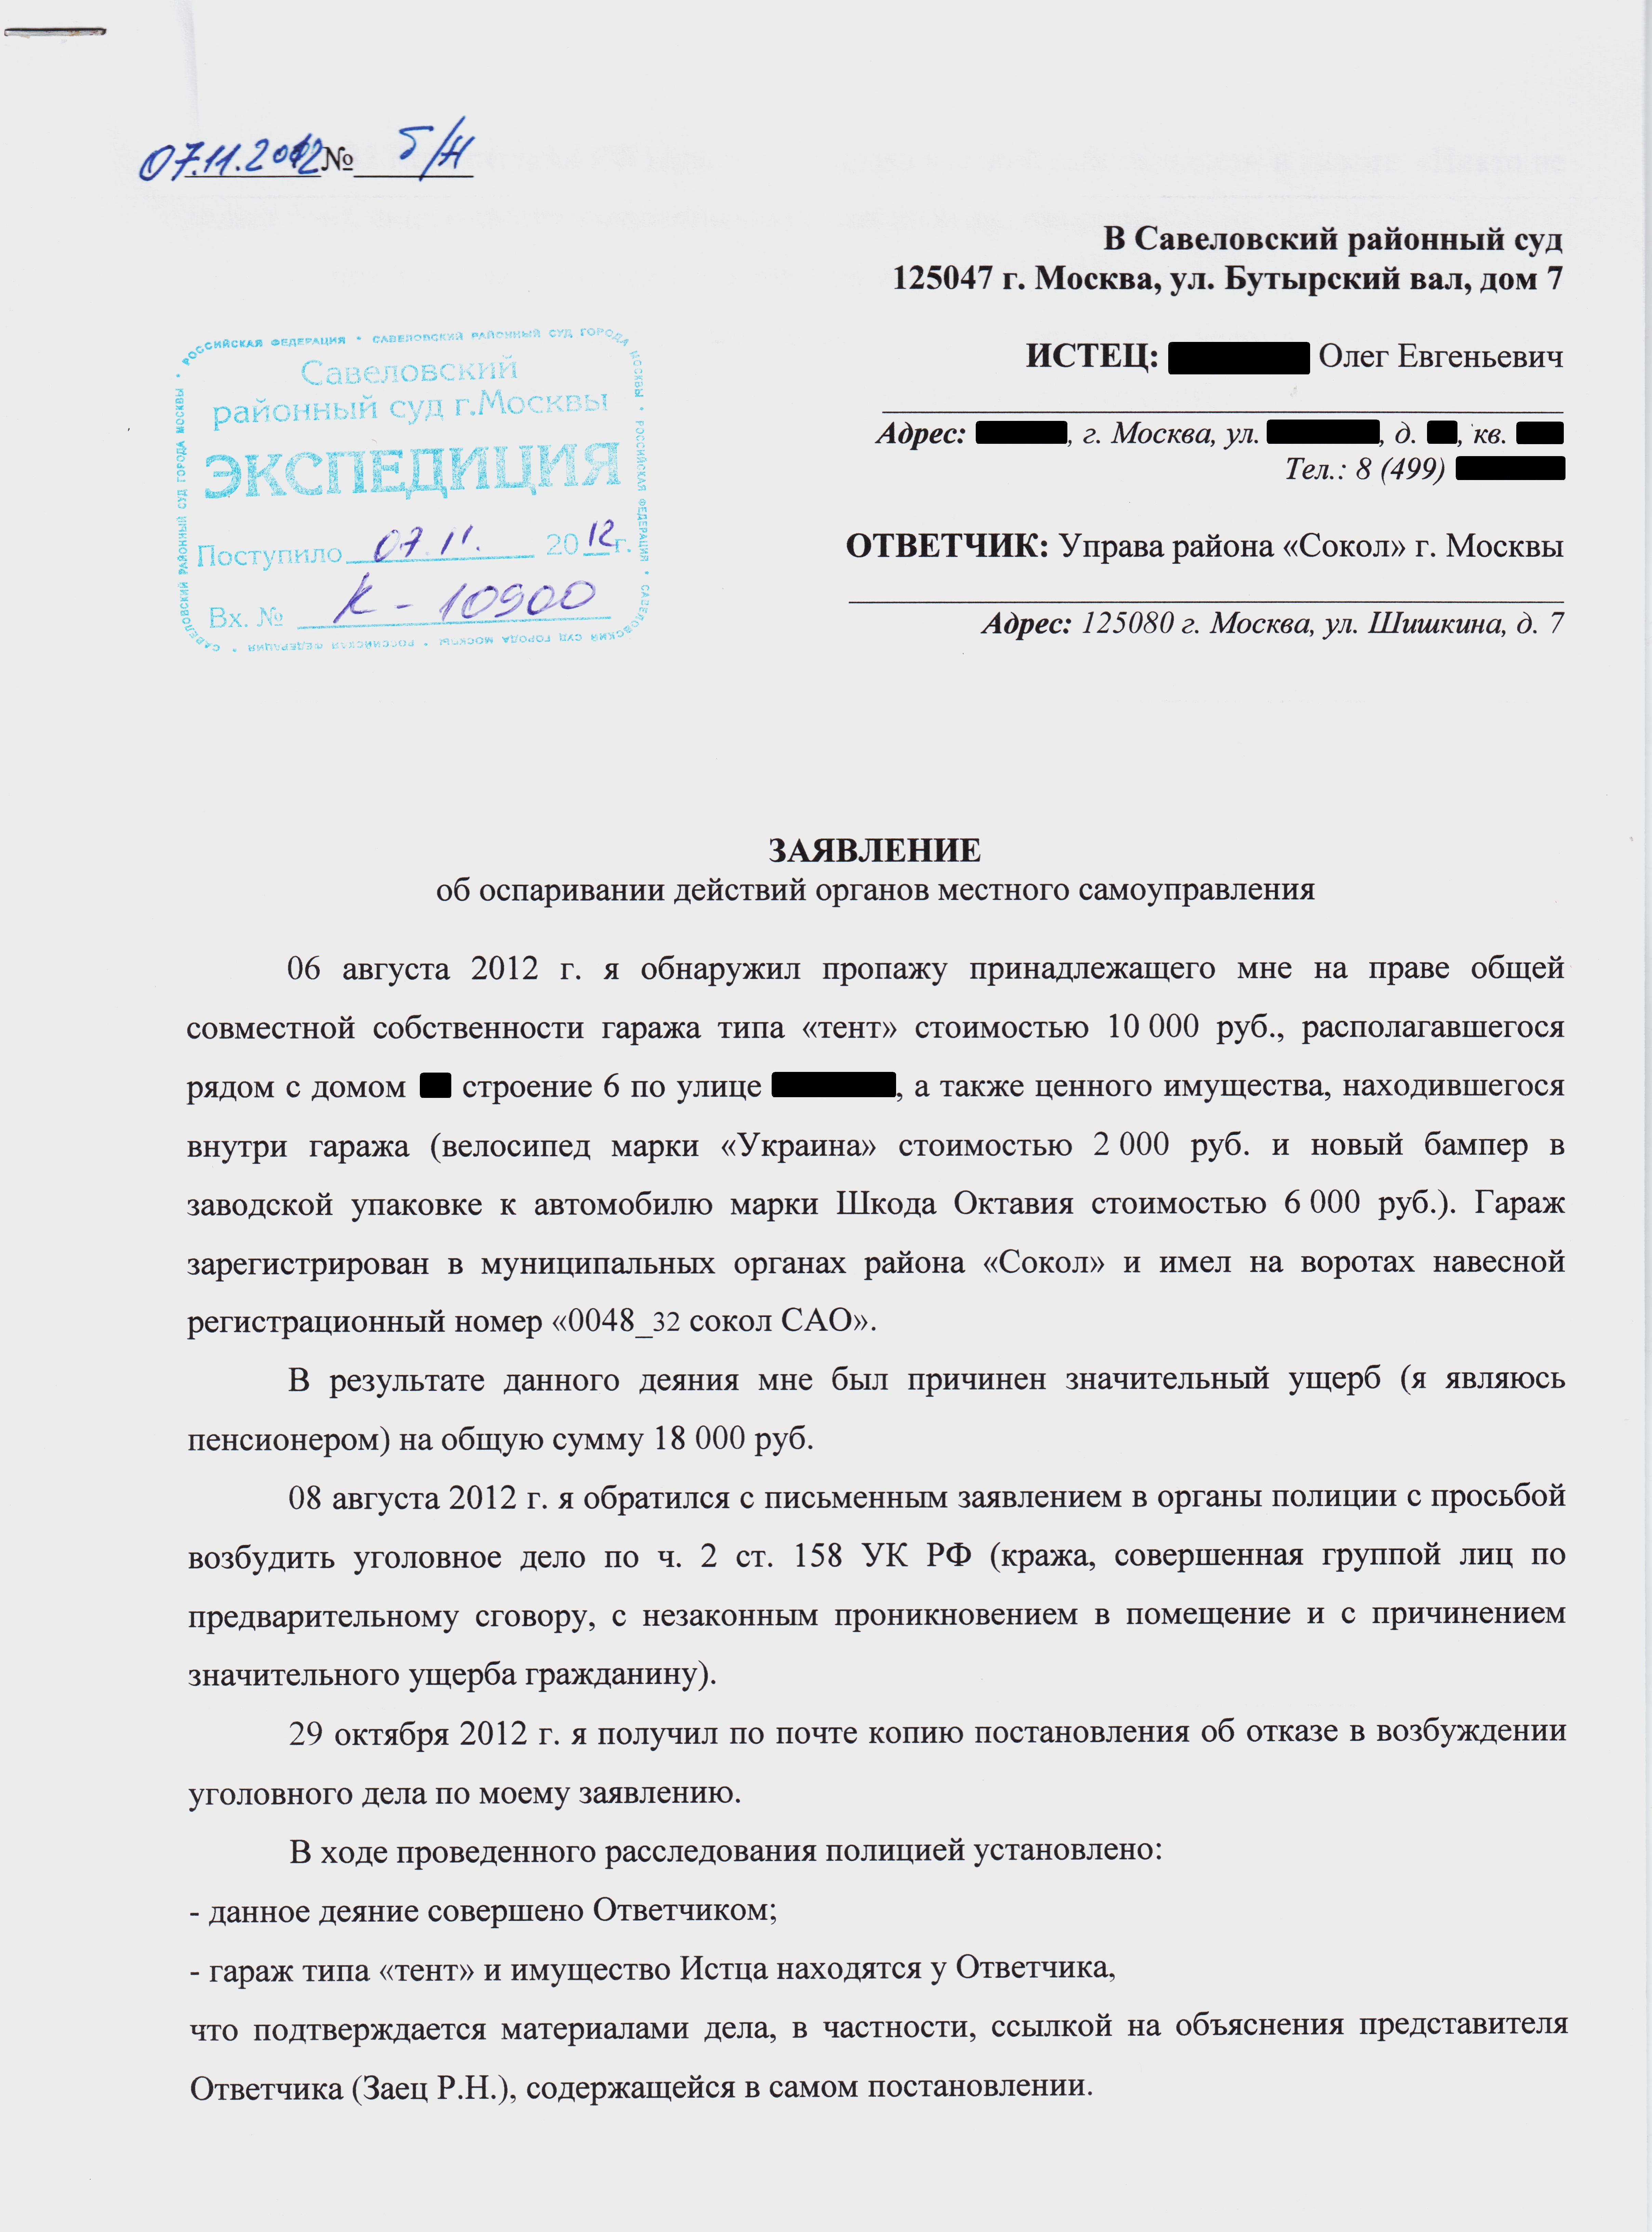 2012 11 07 заявление_суд1_1